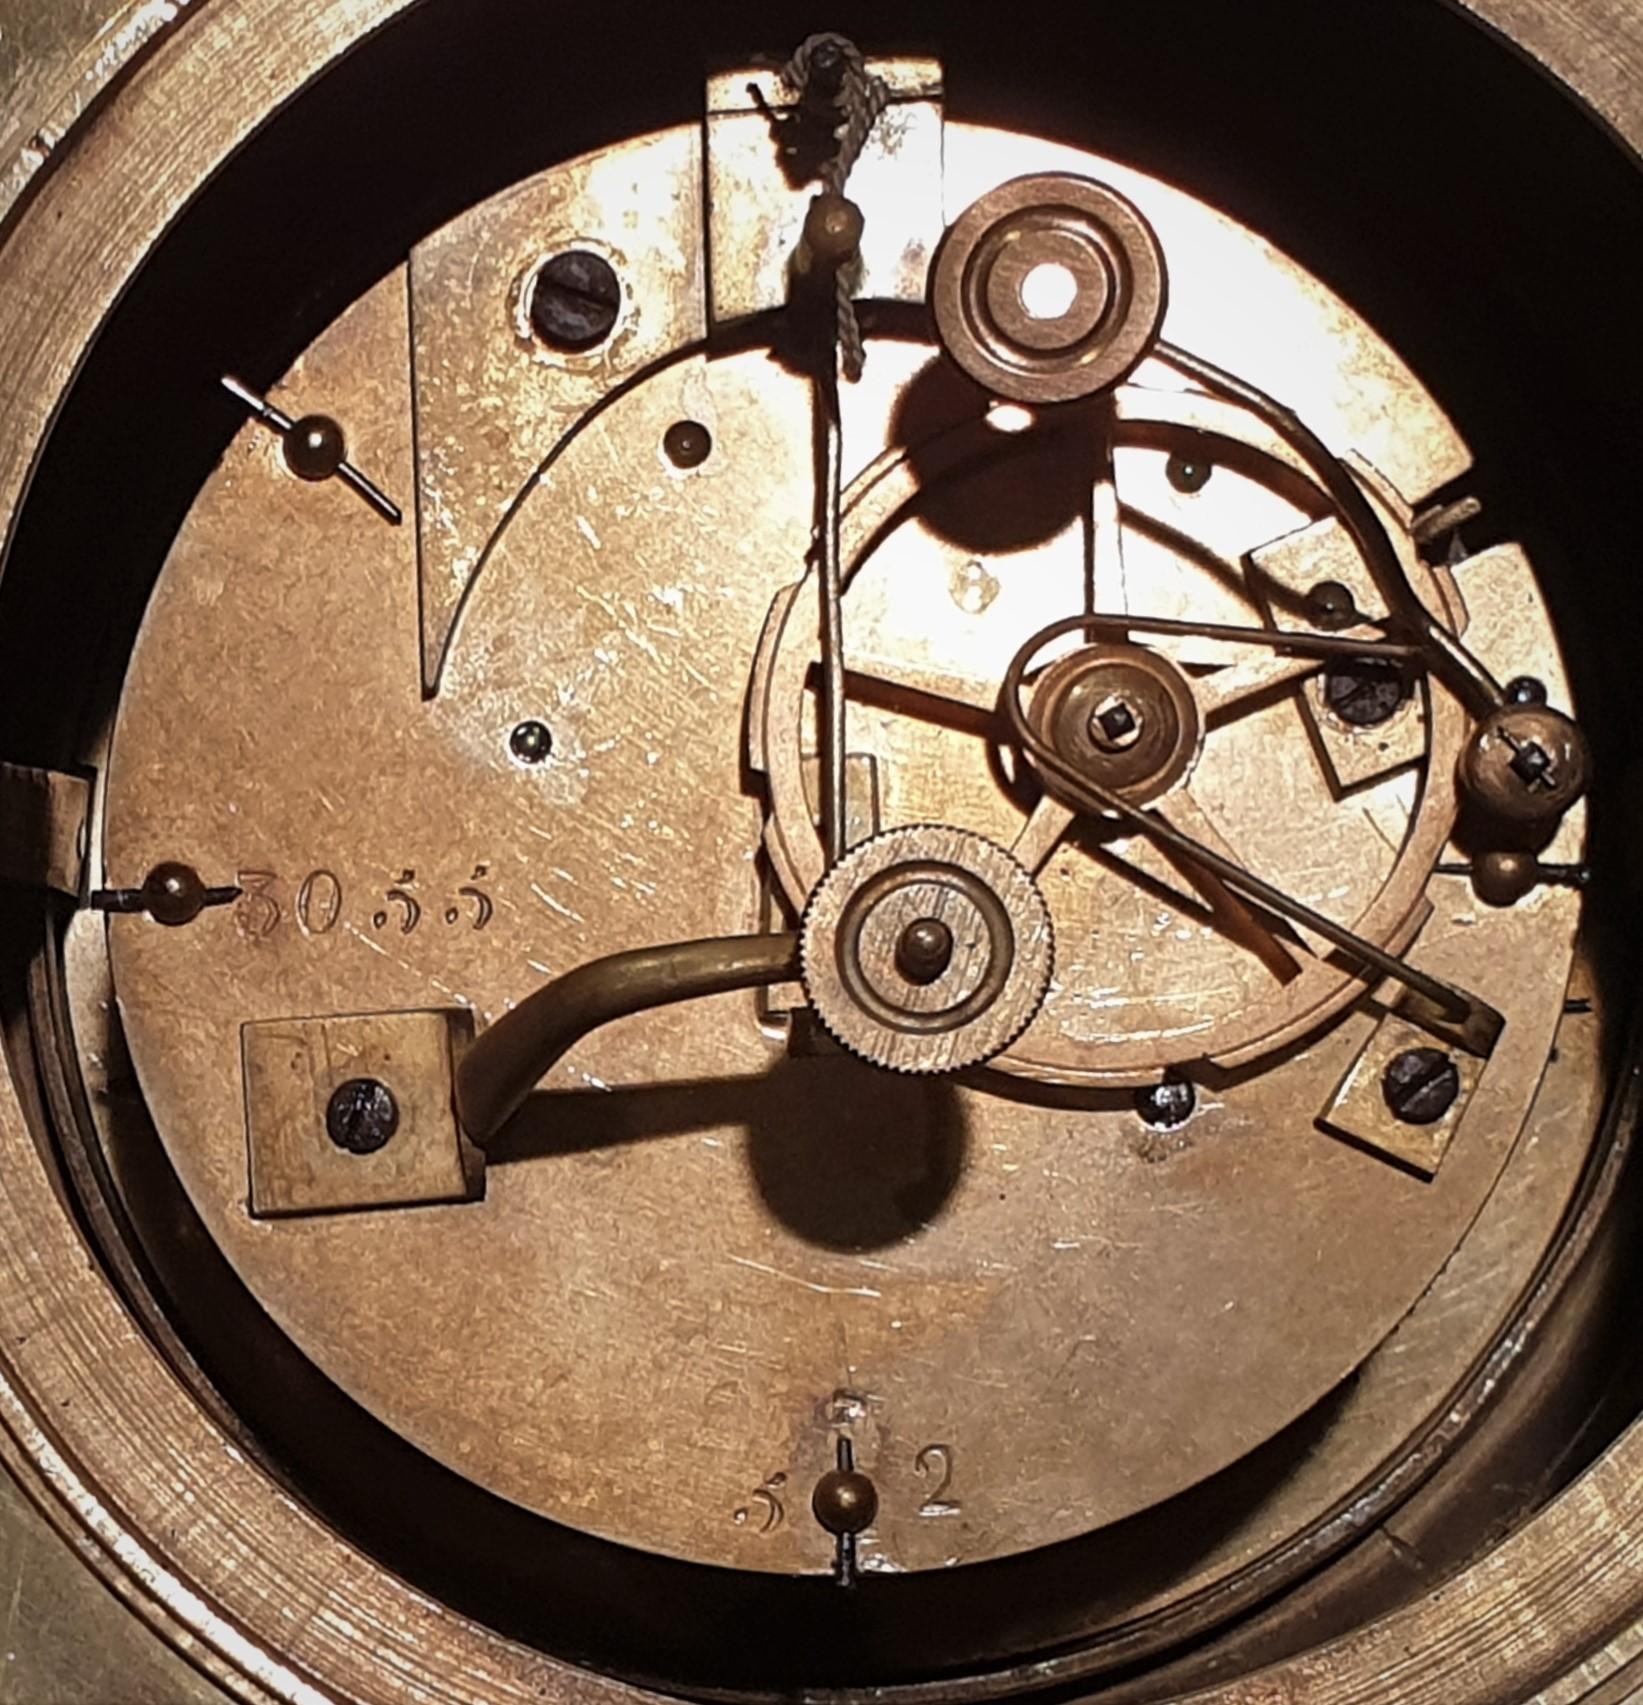 thumb2|Ebe con amorino. Misure cm h. 47x34,5x12,5